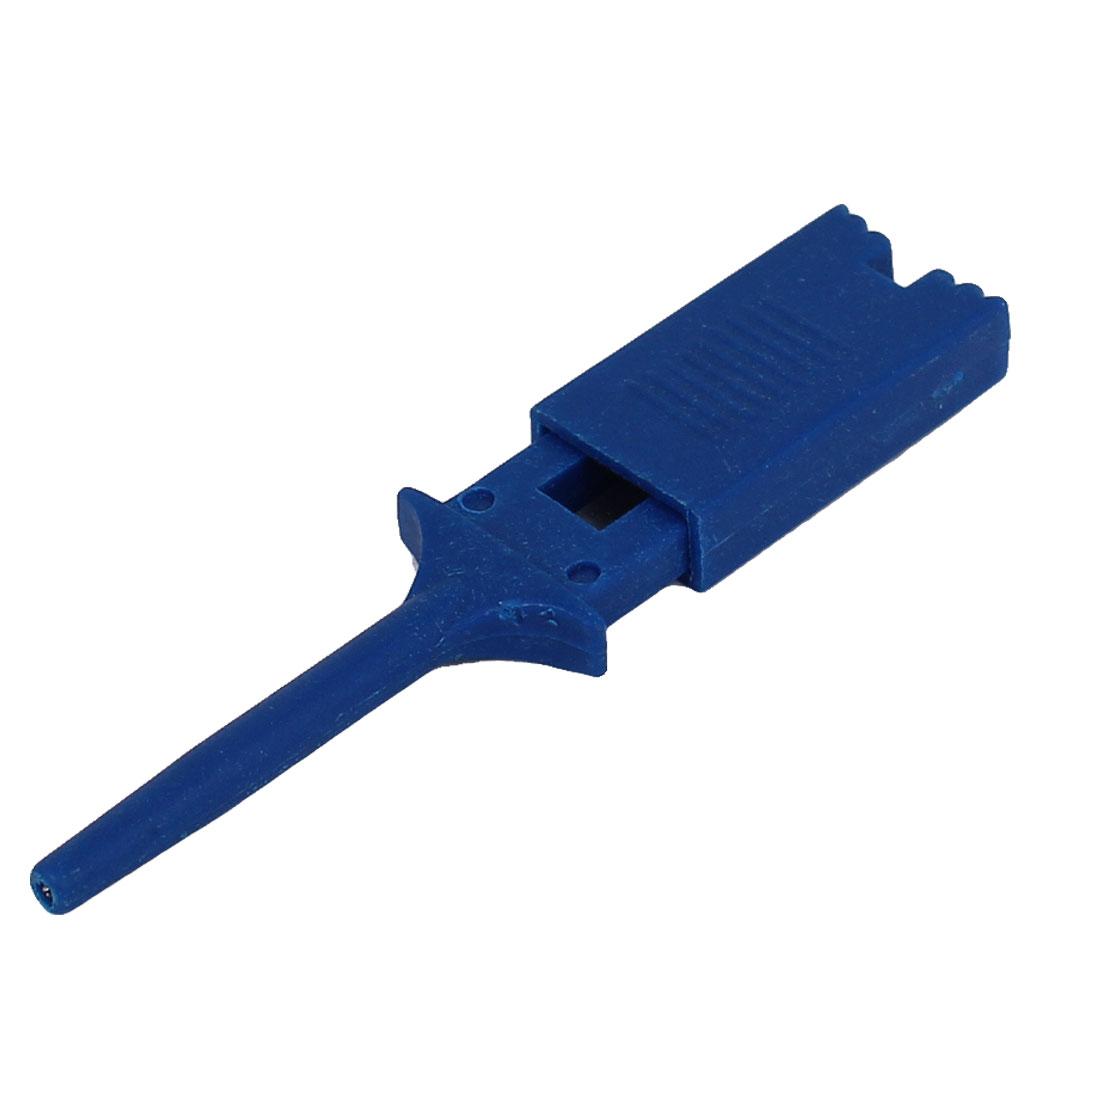 """Test Hook Clip Grabber Probe Blue 2"""" for PCB SMD IC Multimeter"""